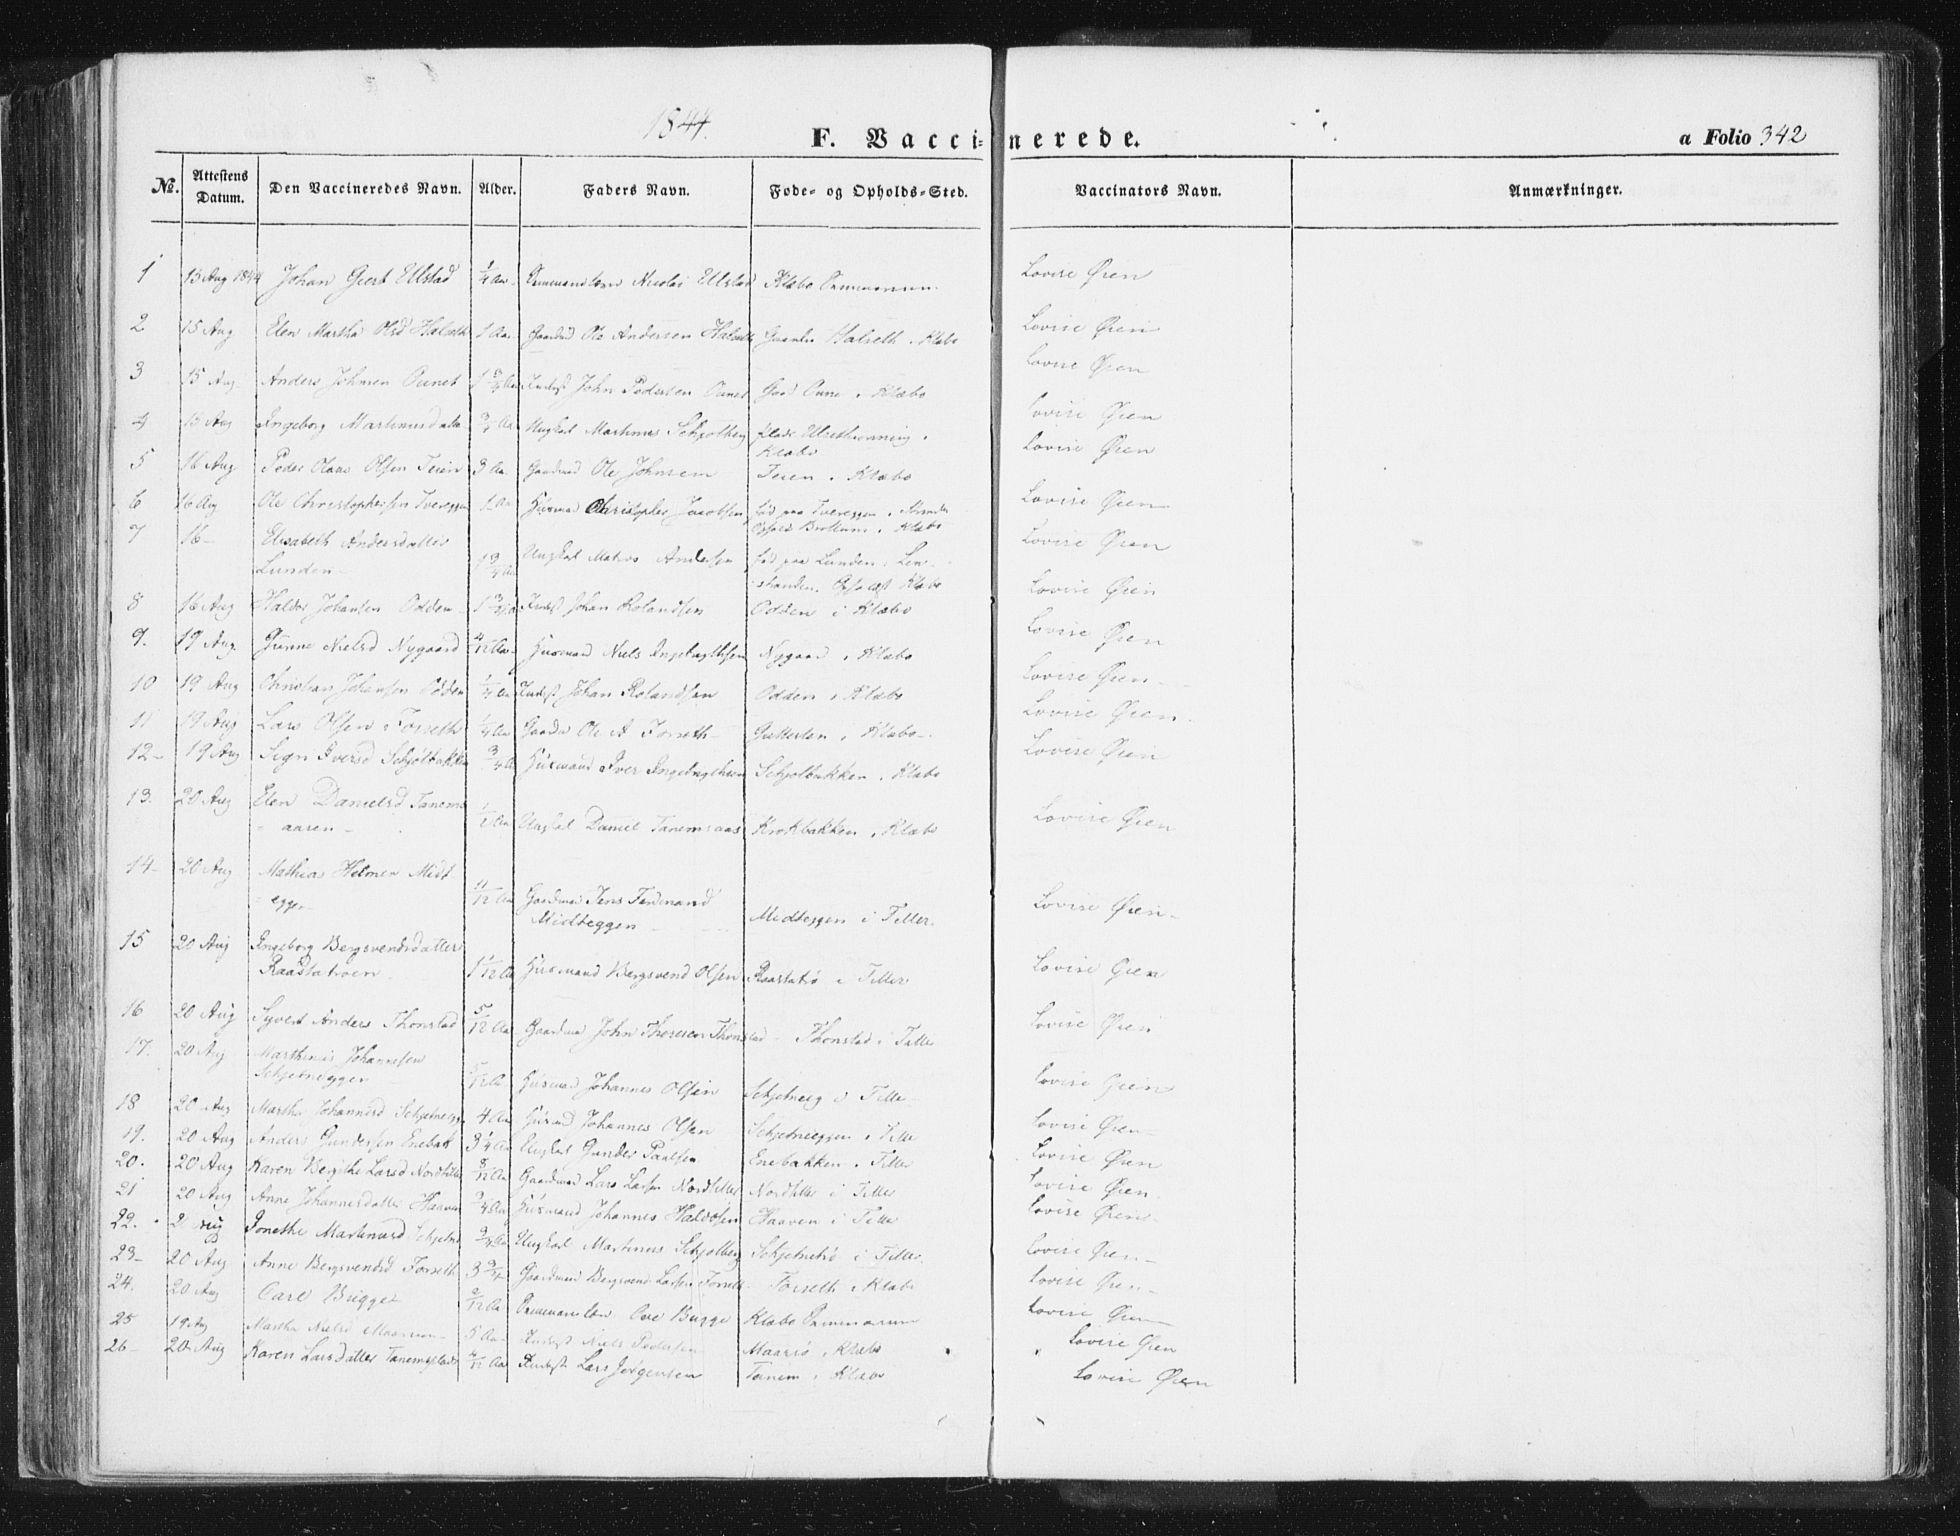 SAT, Ministerialprotokoller, klokkerbøker og fødselsregistre - Sør-Trøndelag, 618/L0441: Ministerialbok nr. 618A05, 1843-1862, s. 342